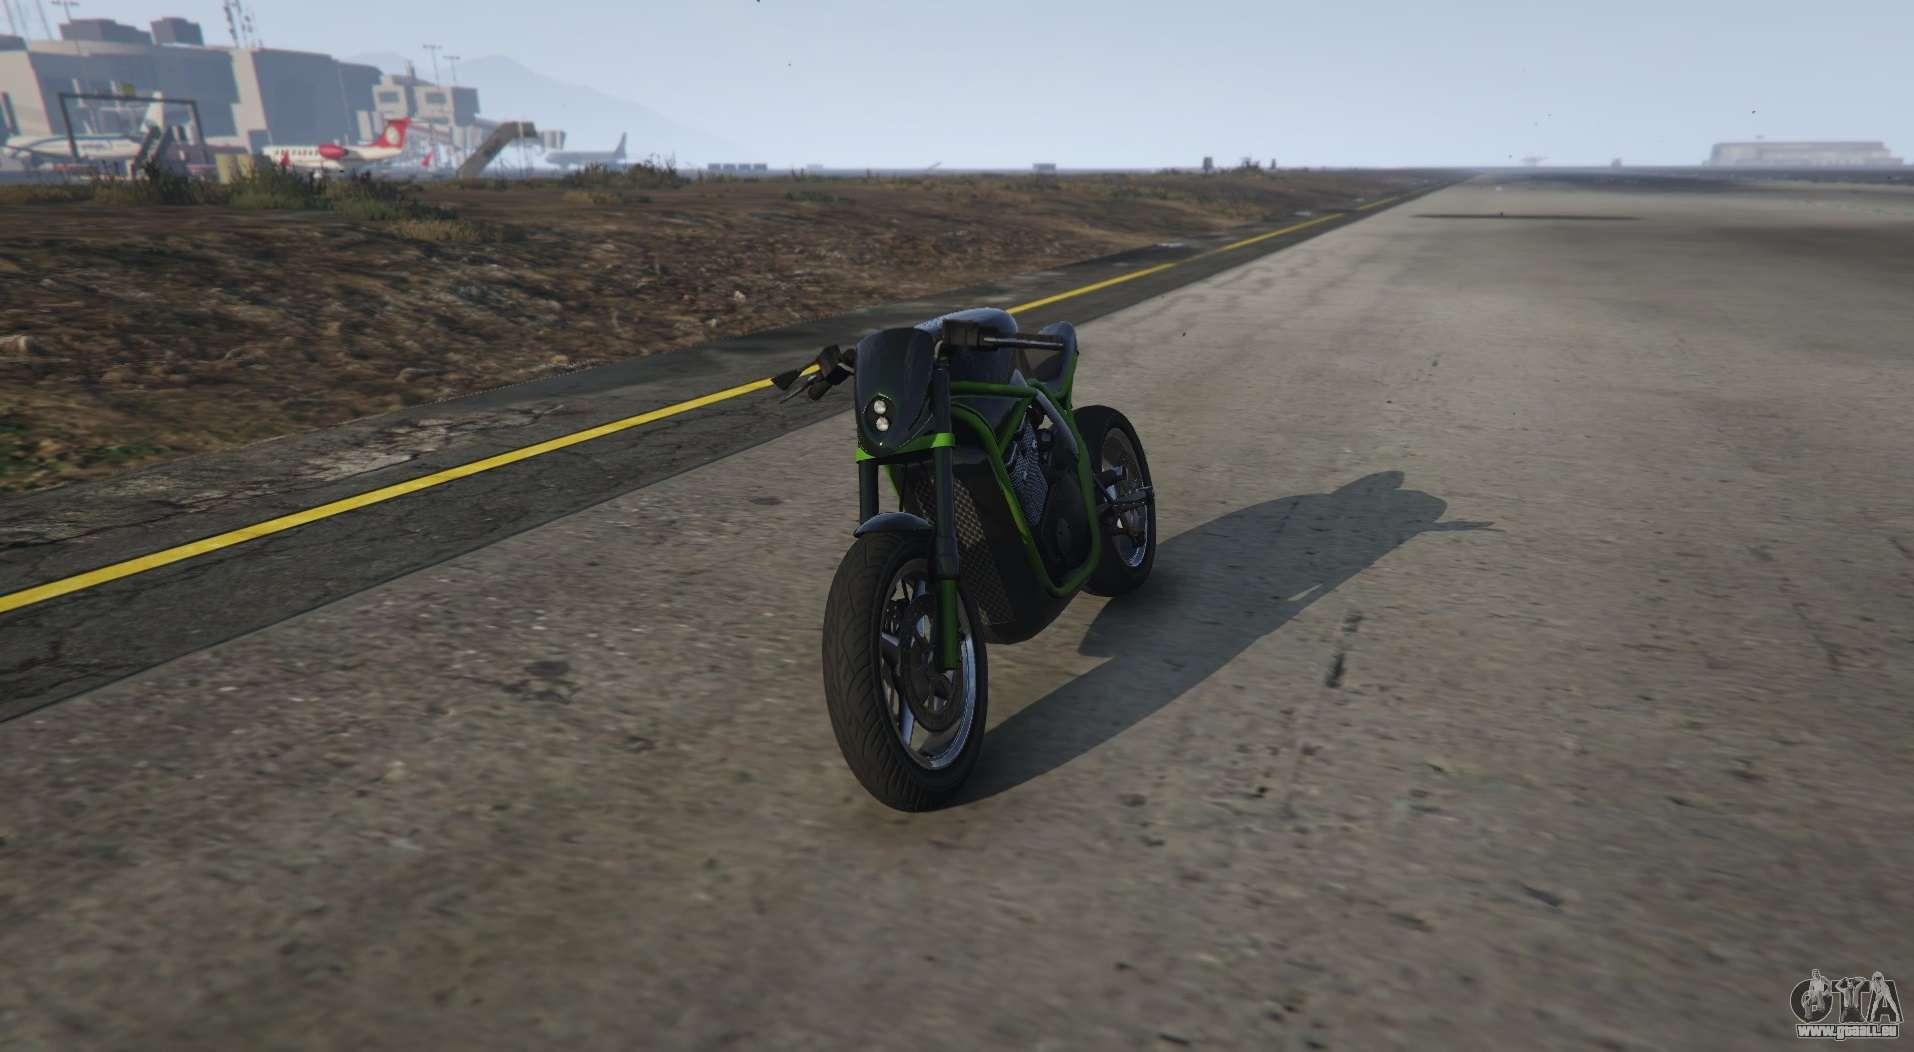 Insolite moto de GTA 5 Shitzu Defiler